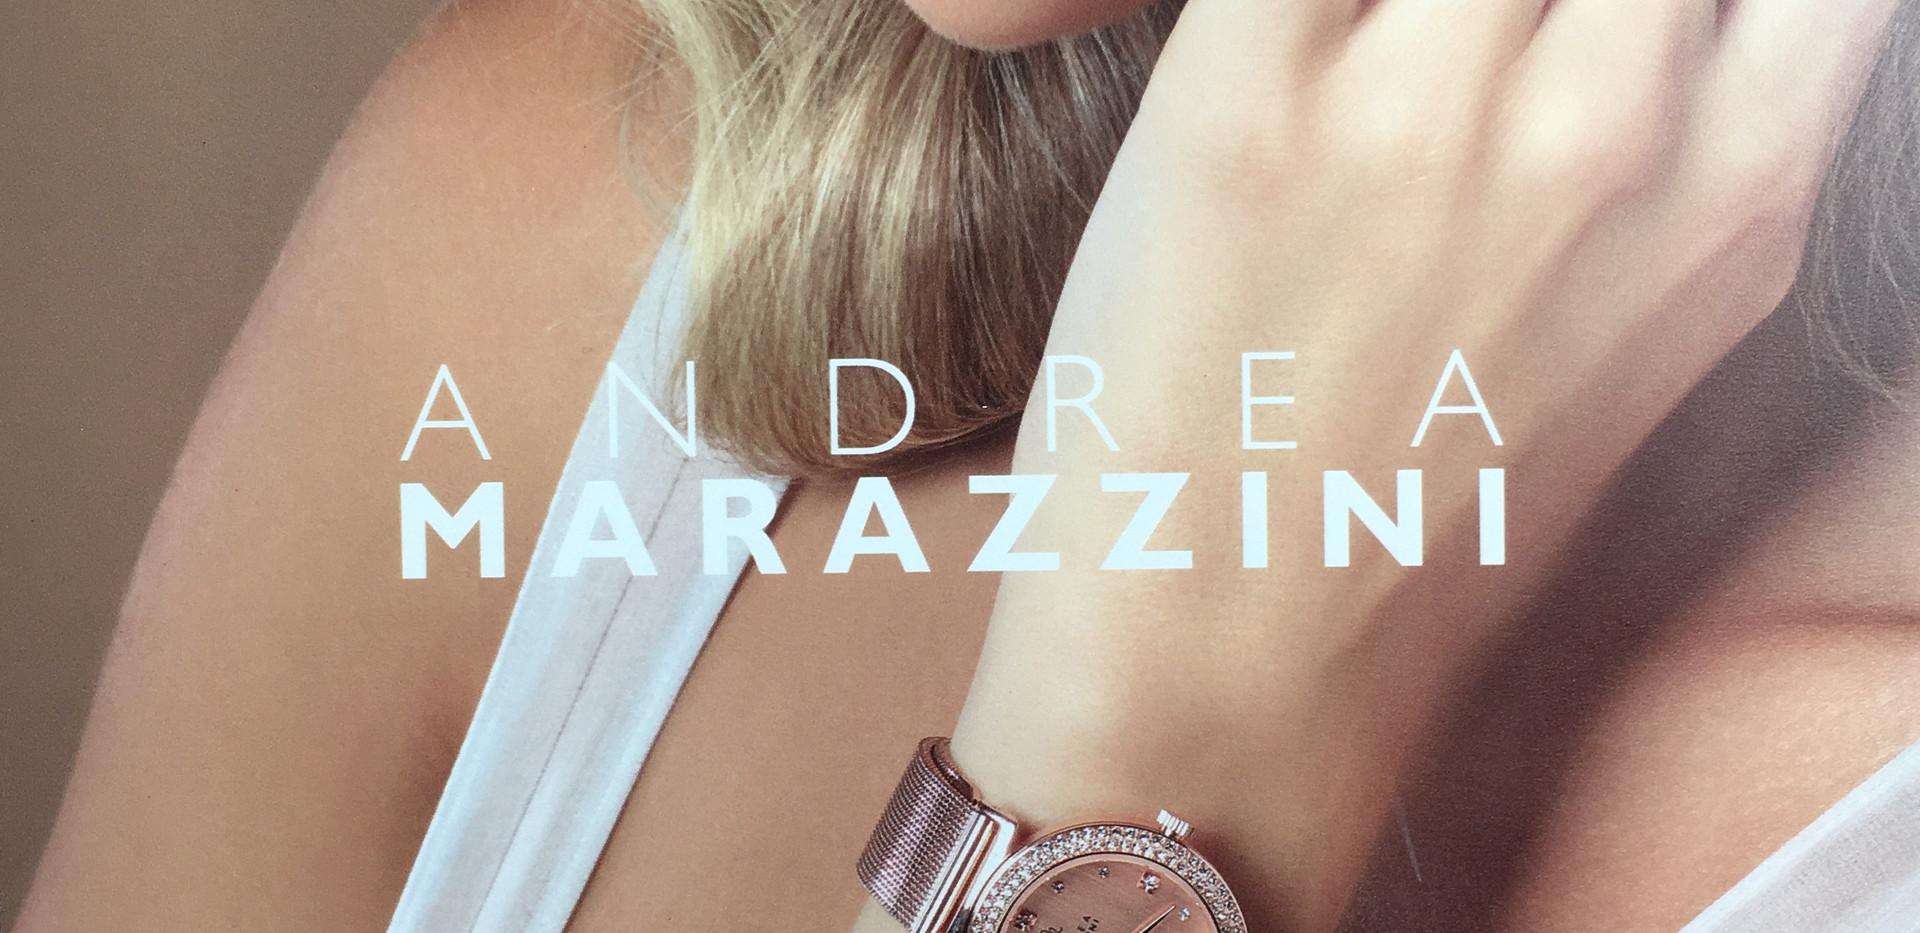 Disponible, les montres Andrea Marazzini. Acier, rose ou jaune, serti de cristaux de swarovski. Bracelet Maille millanaise. Cadeaux idéal pour Noël. Garantie 2 ans 165€